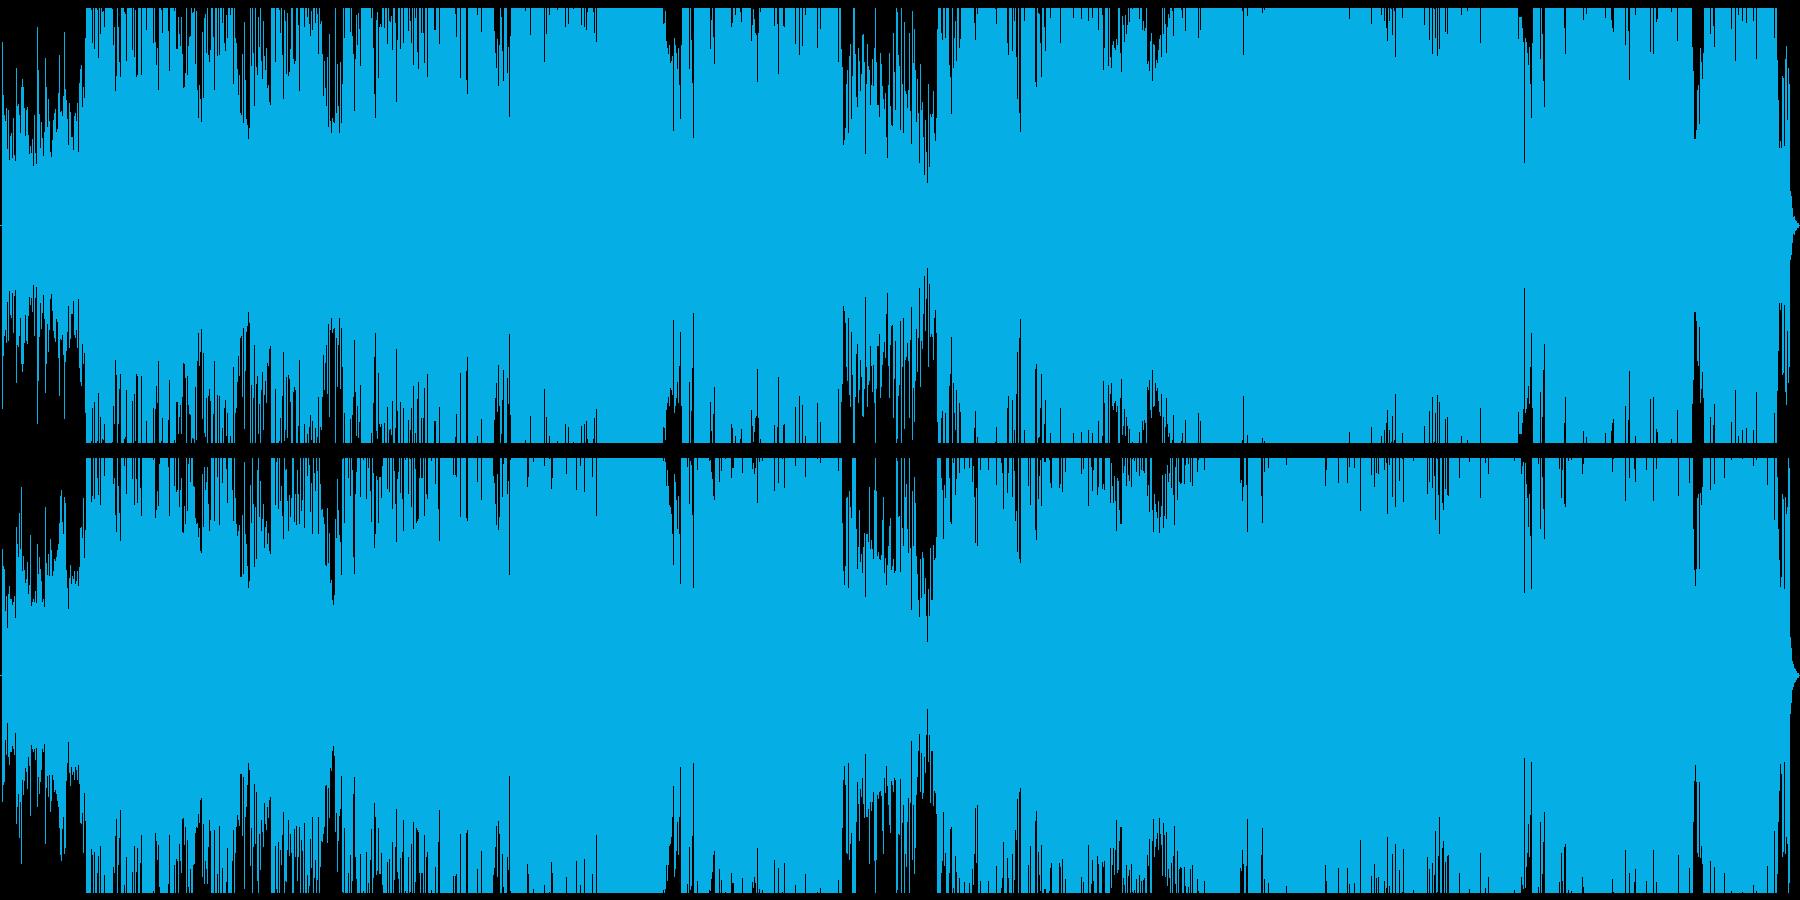 勢いのある電子音楽です。の再生済みの波形